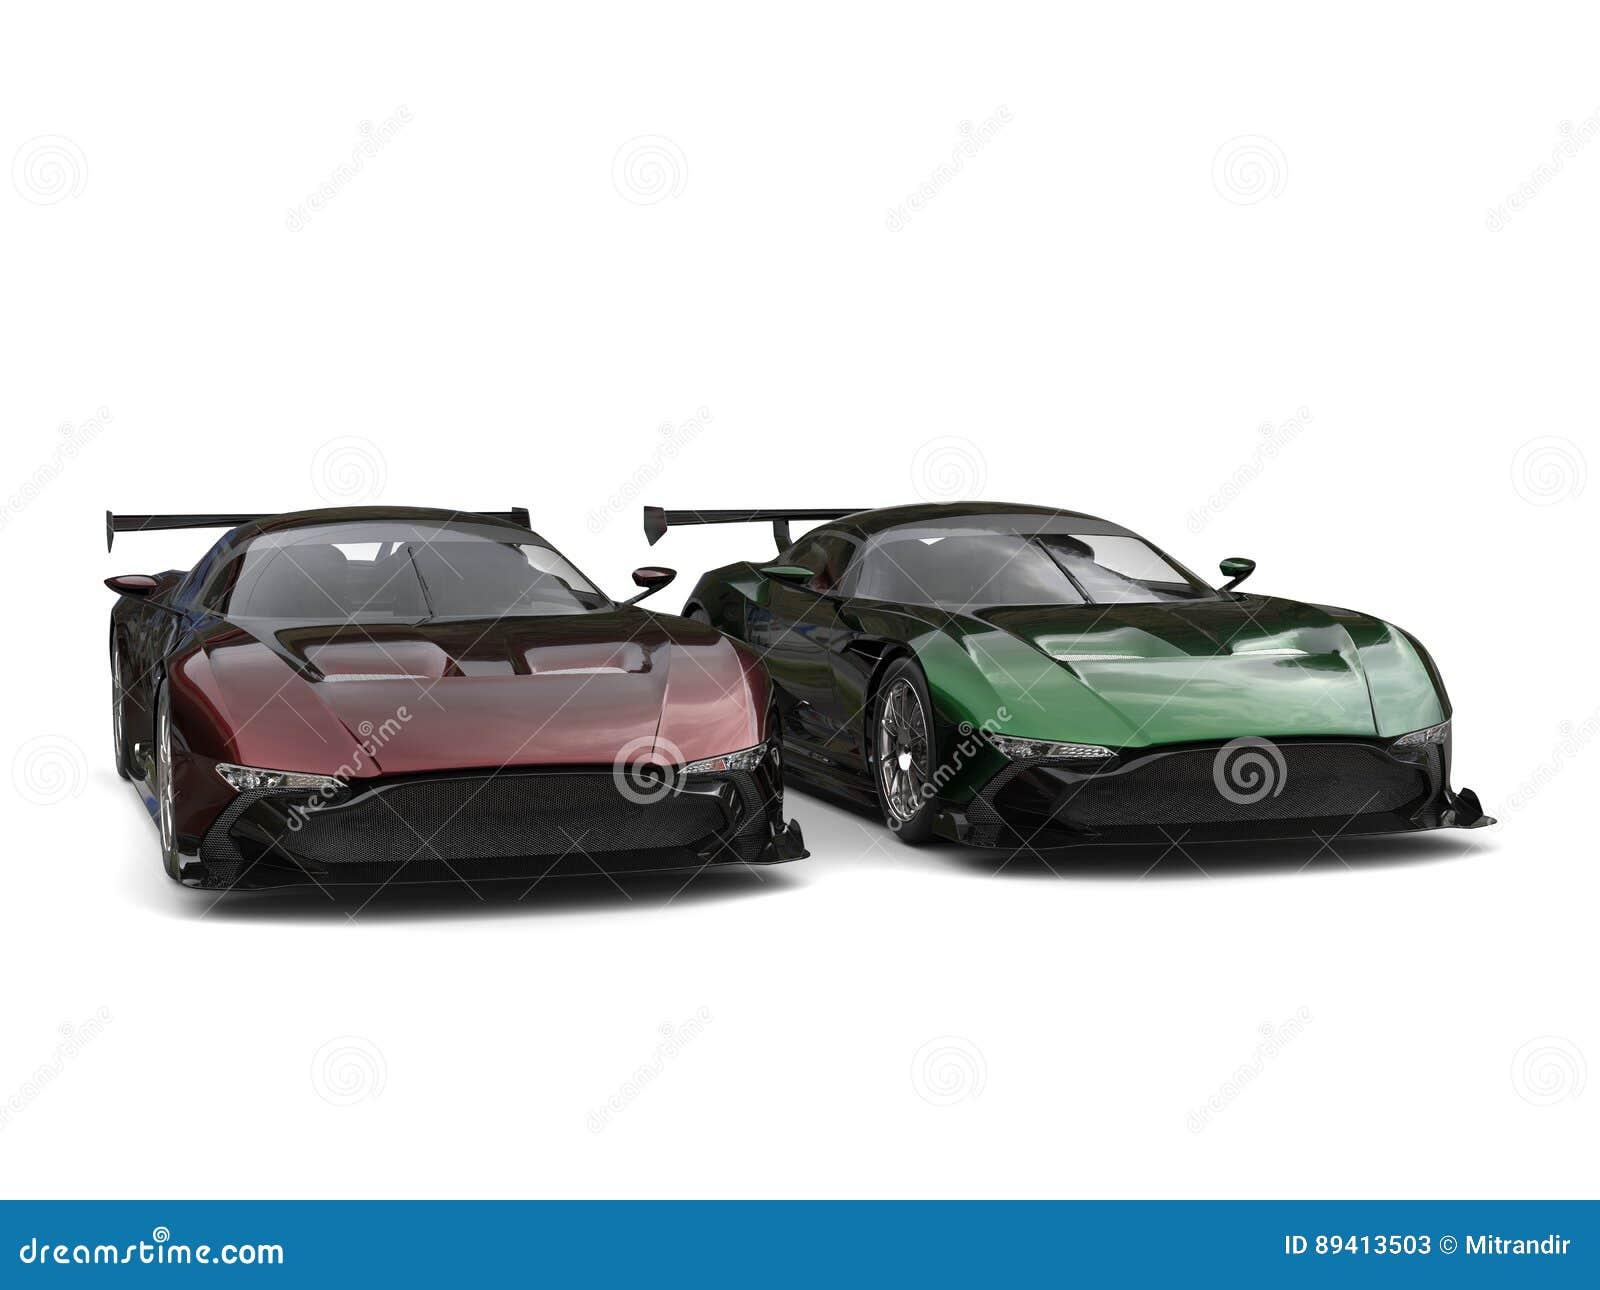 Carros de esportes metálicos modernos - dois tonificam a pintura com destaques do vermelho/verde